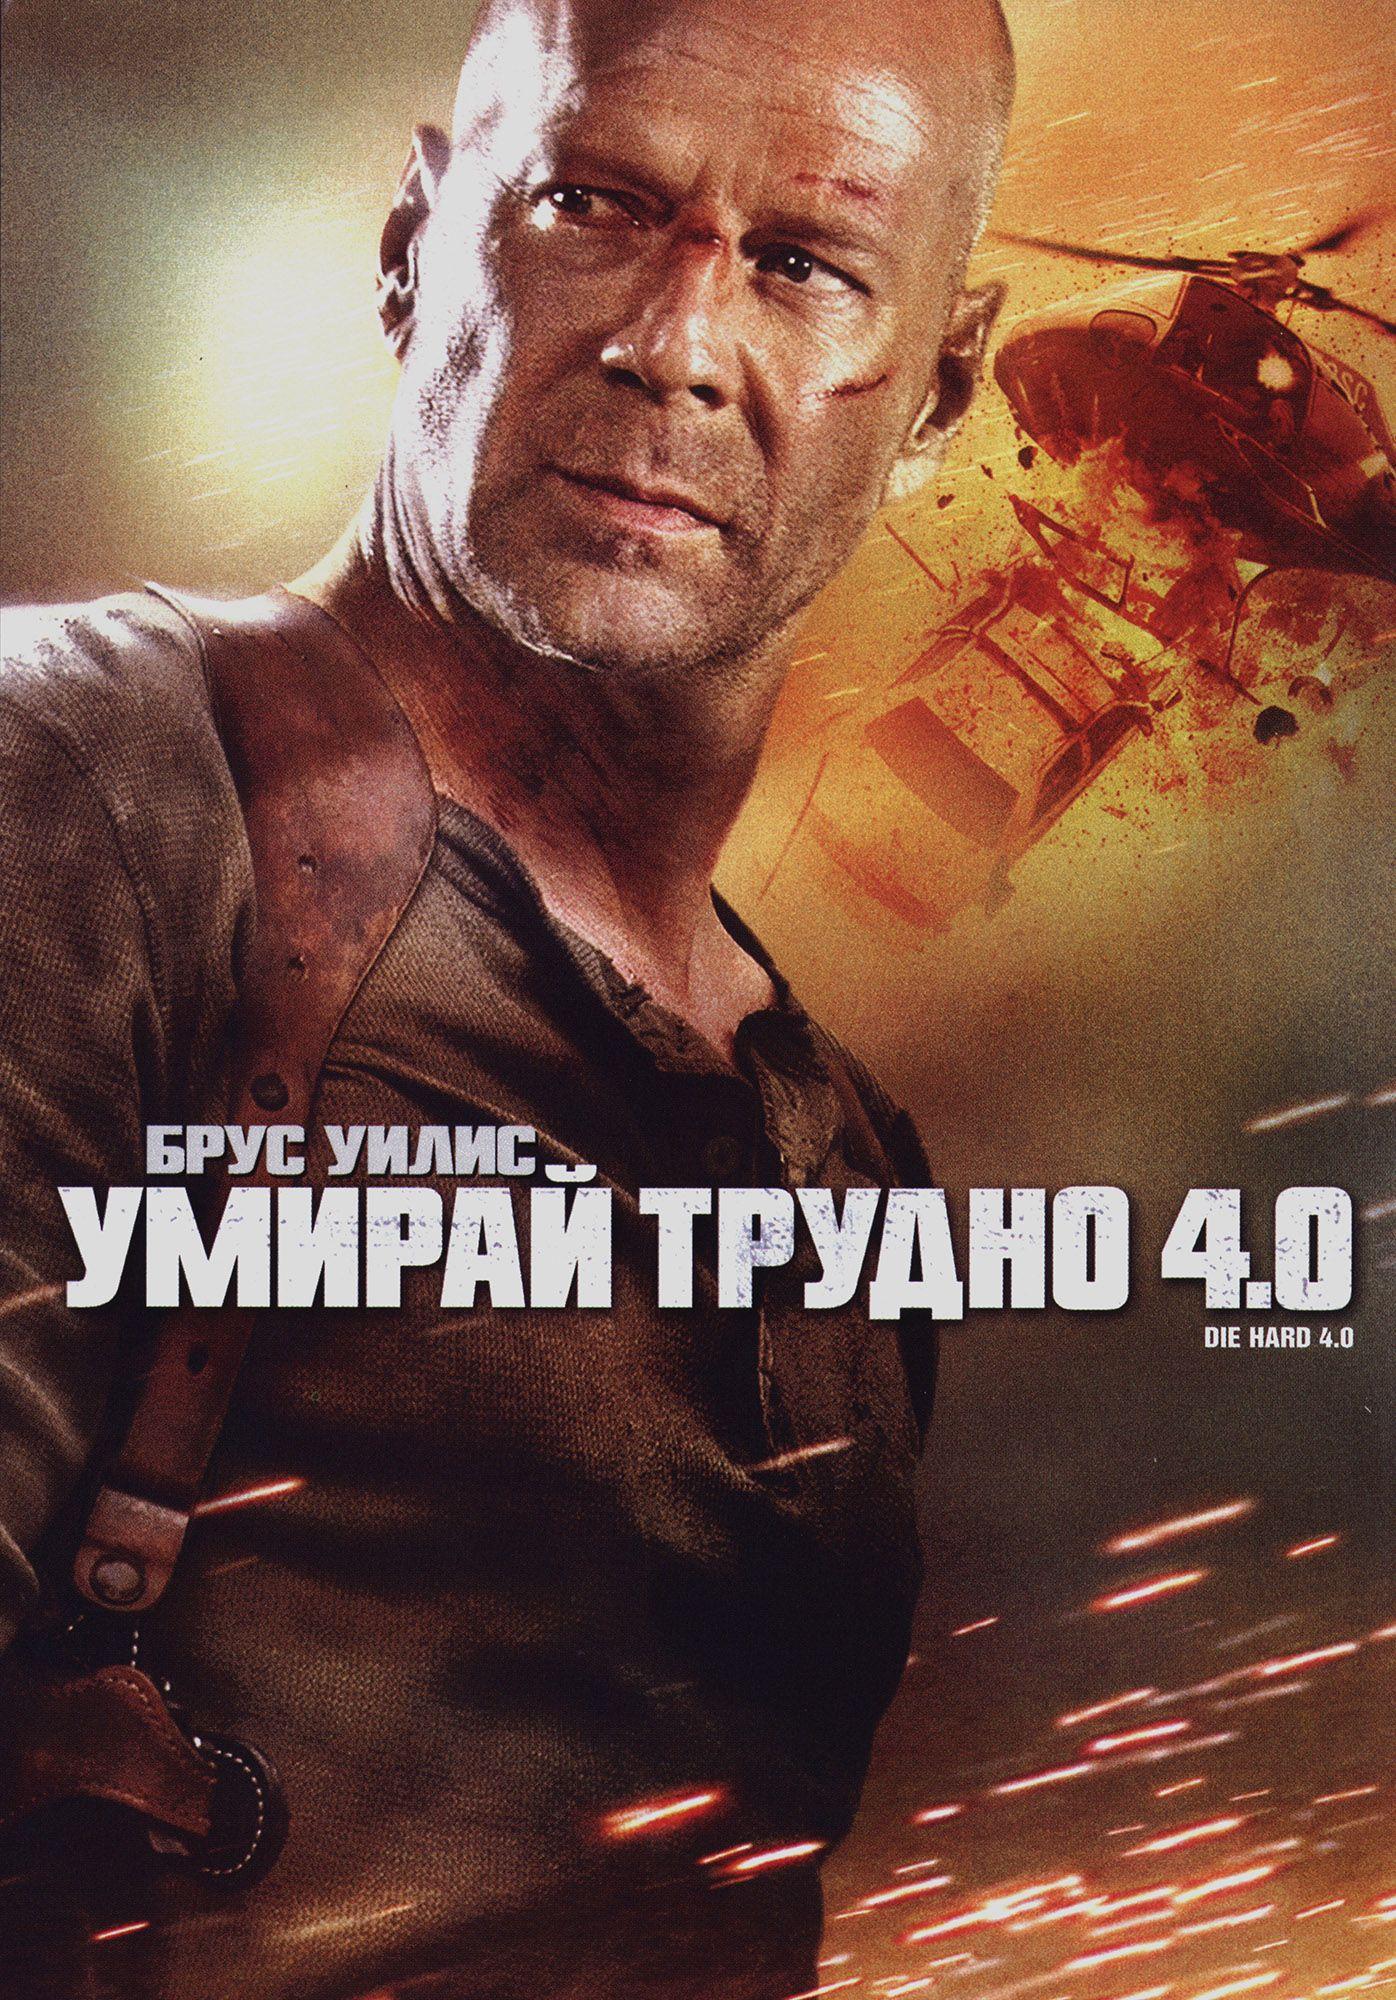 Умирай трудно 4.0 (DVD) - 1